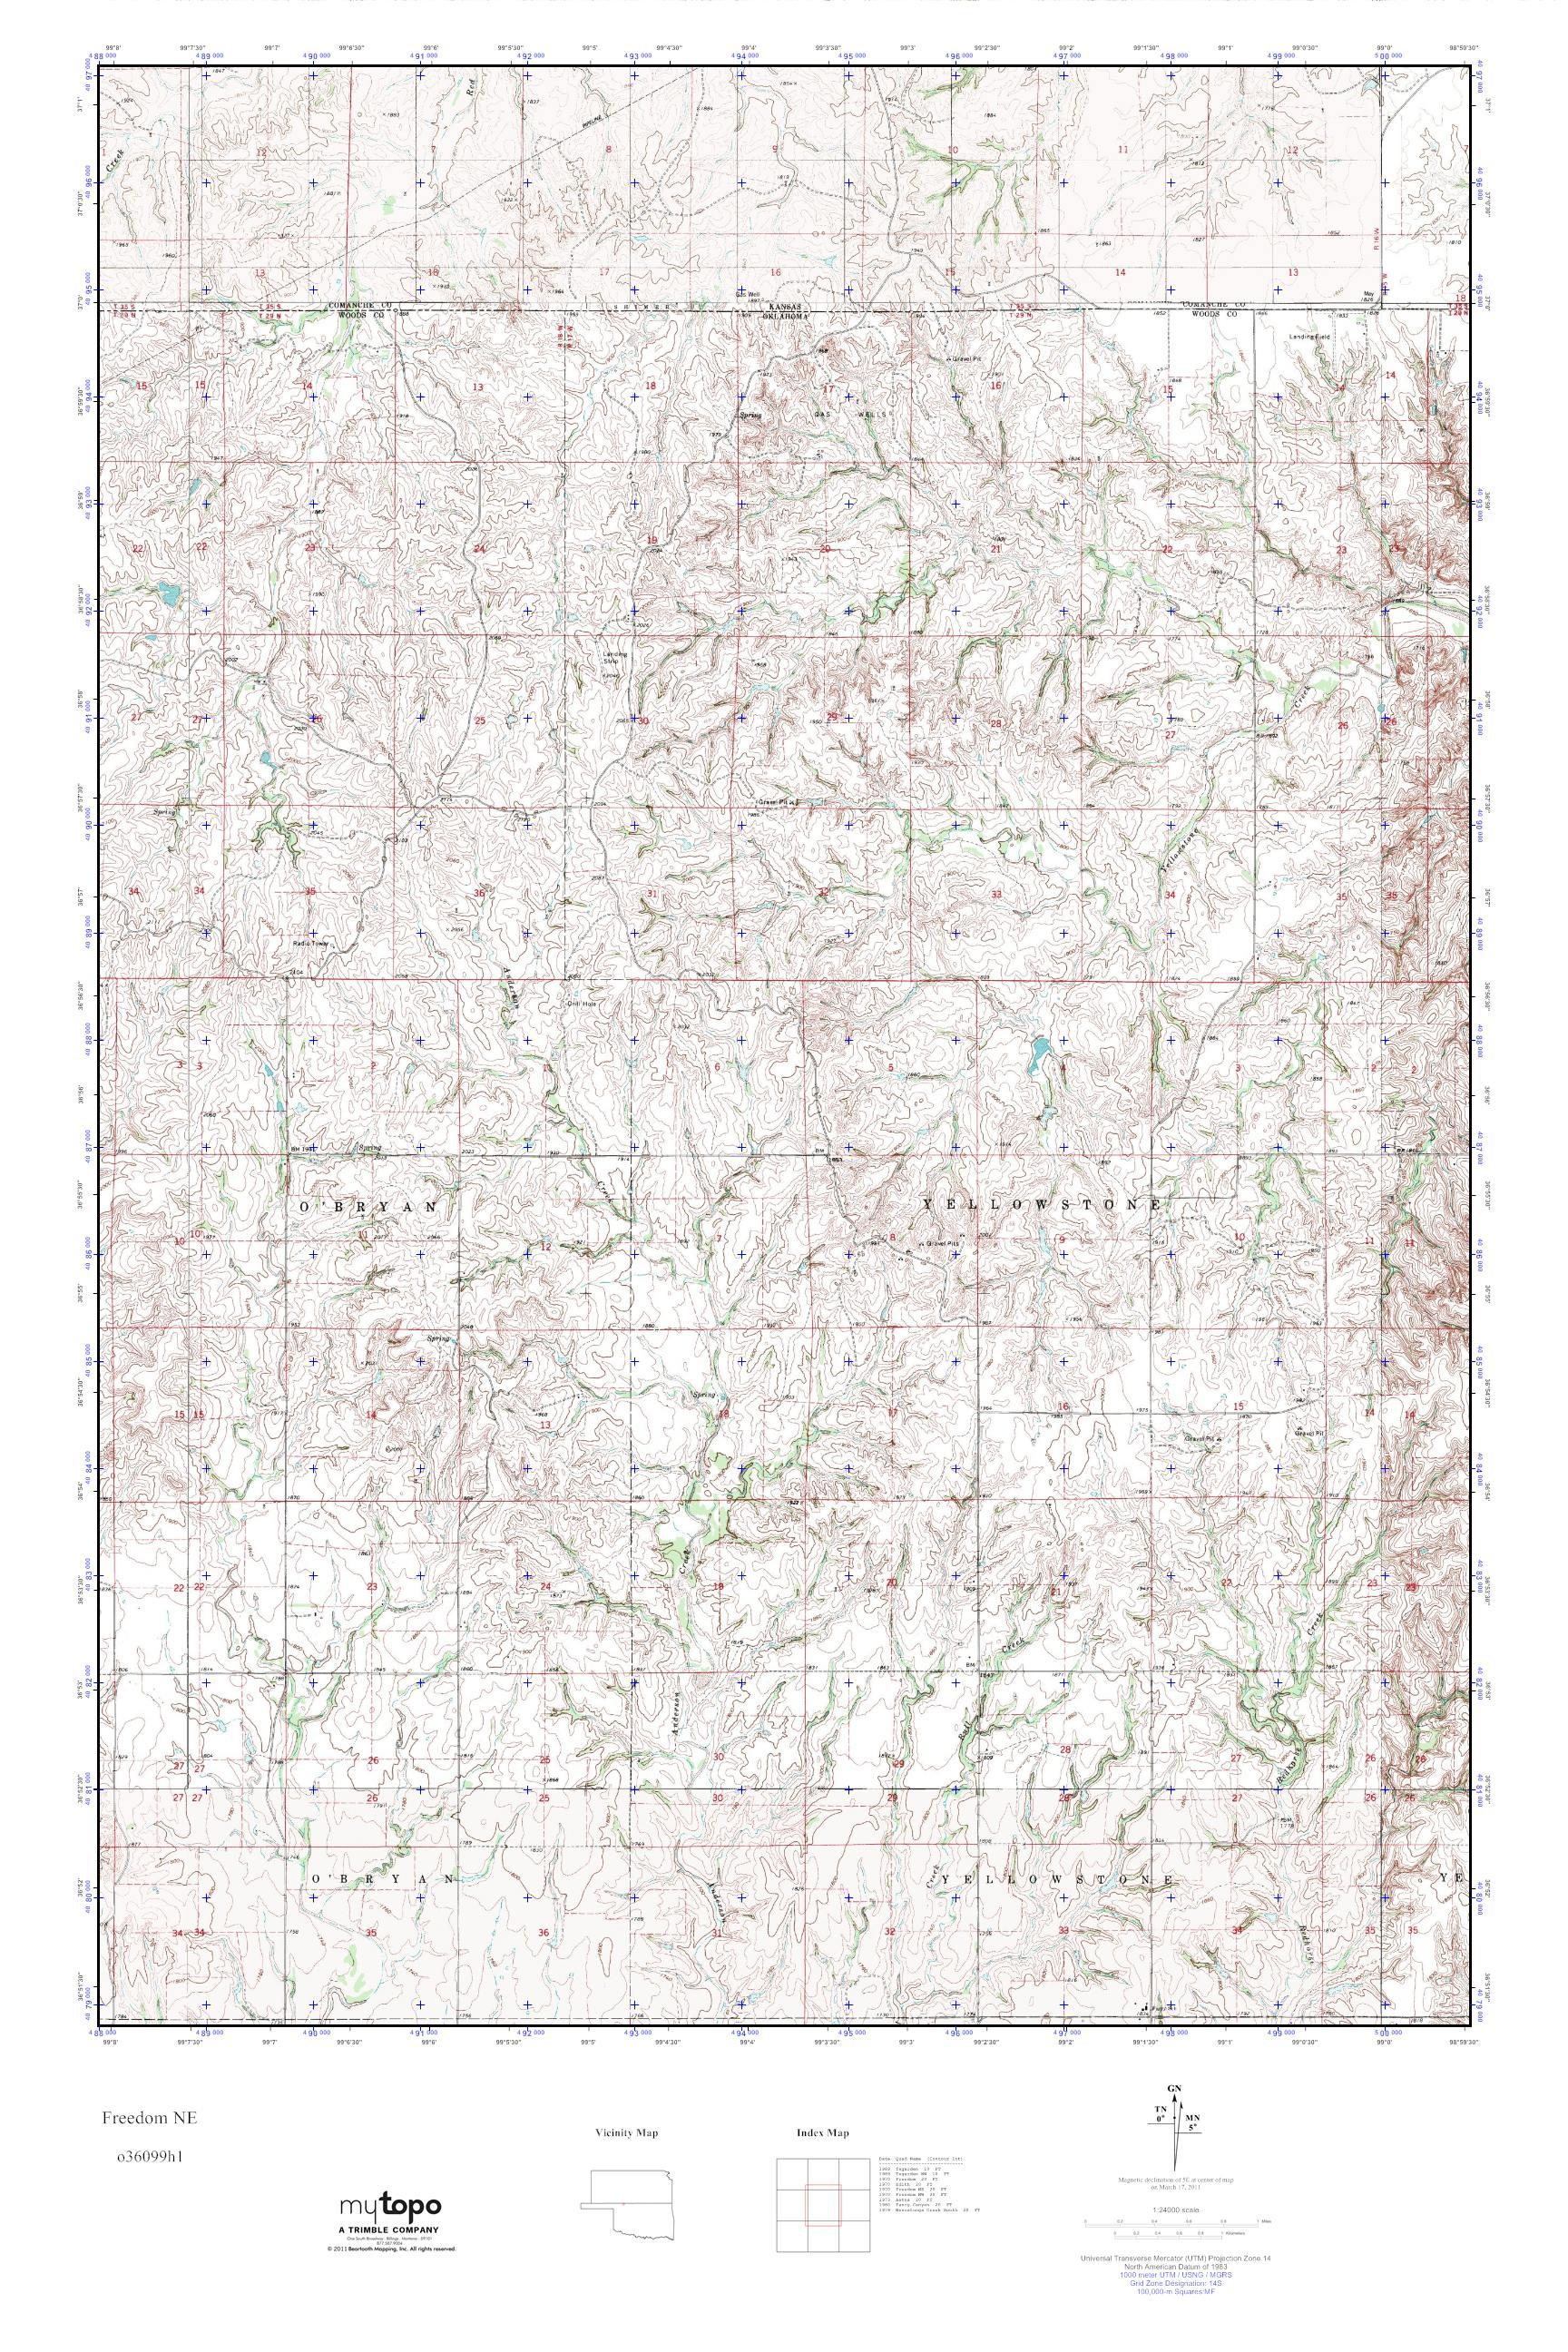 Freedom Oklahoma Map.Mytopo Freedom Ne Oklahoma Usgs Quad Topo Map